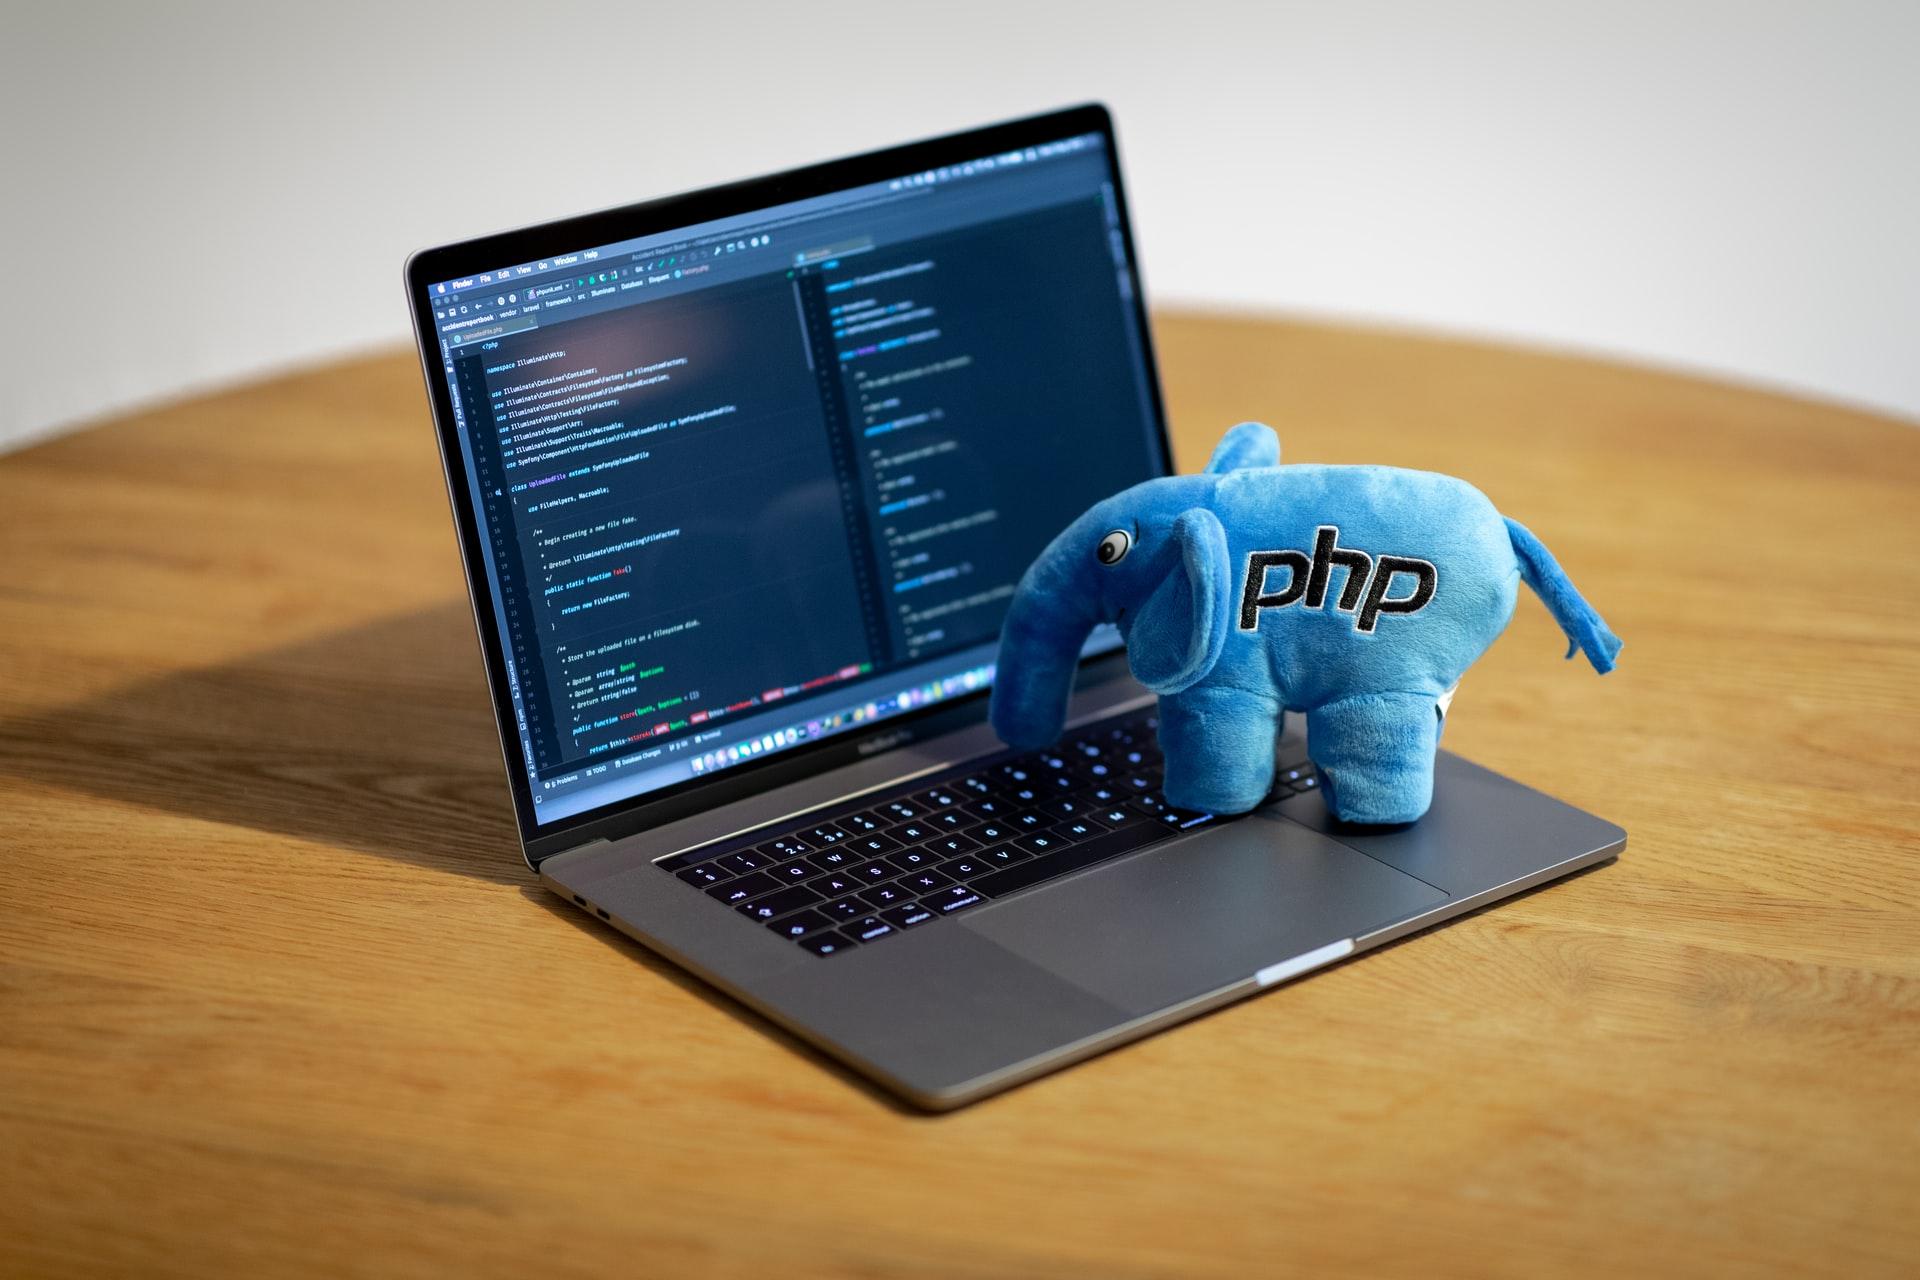 エックスサーバーで特定のディレクトリのみPHPのバージョンを変更する方法